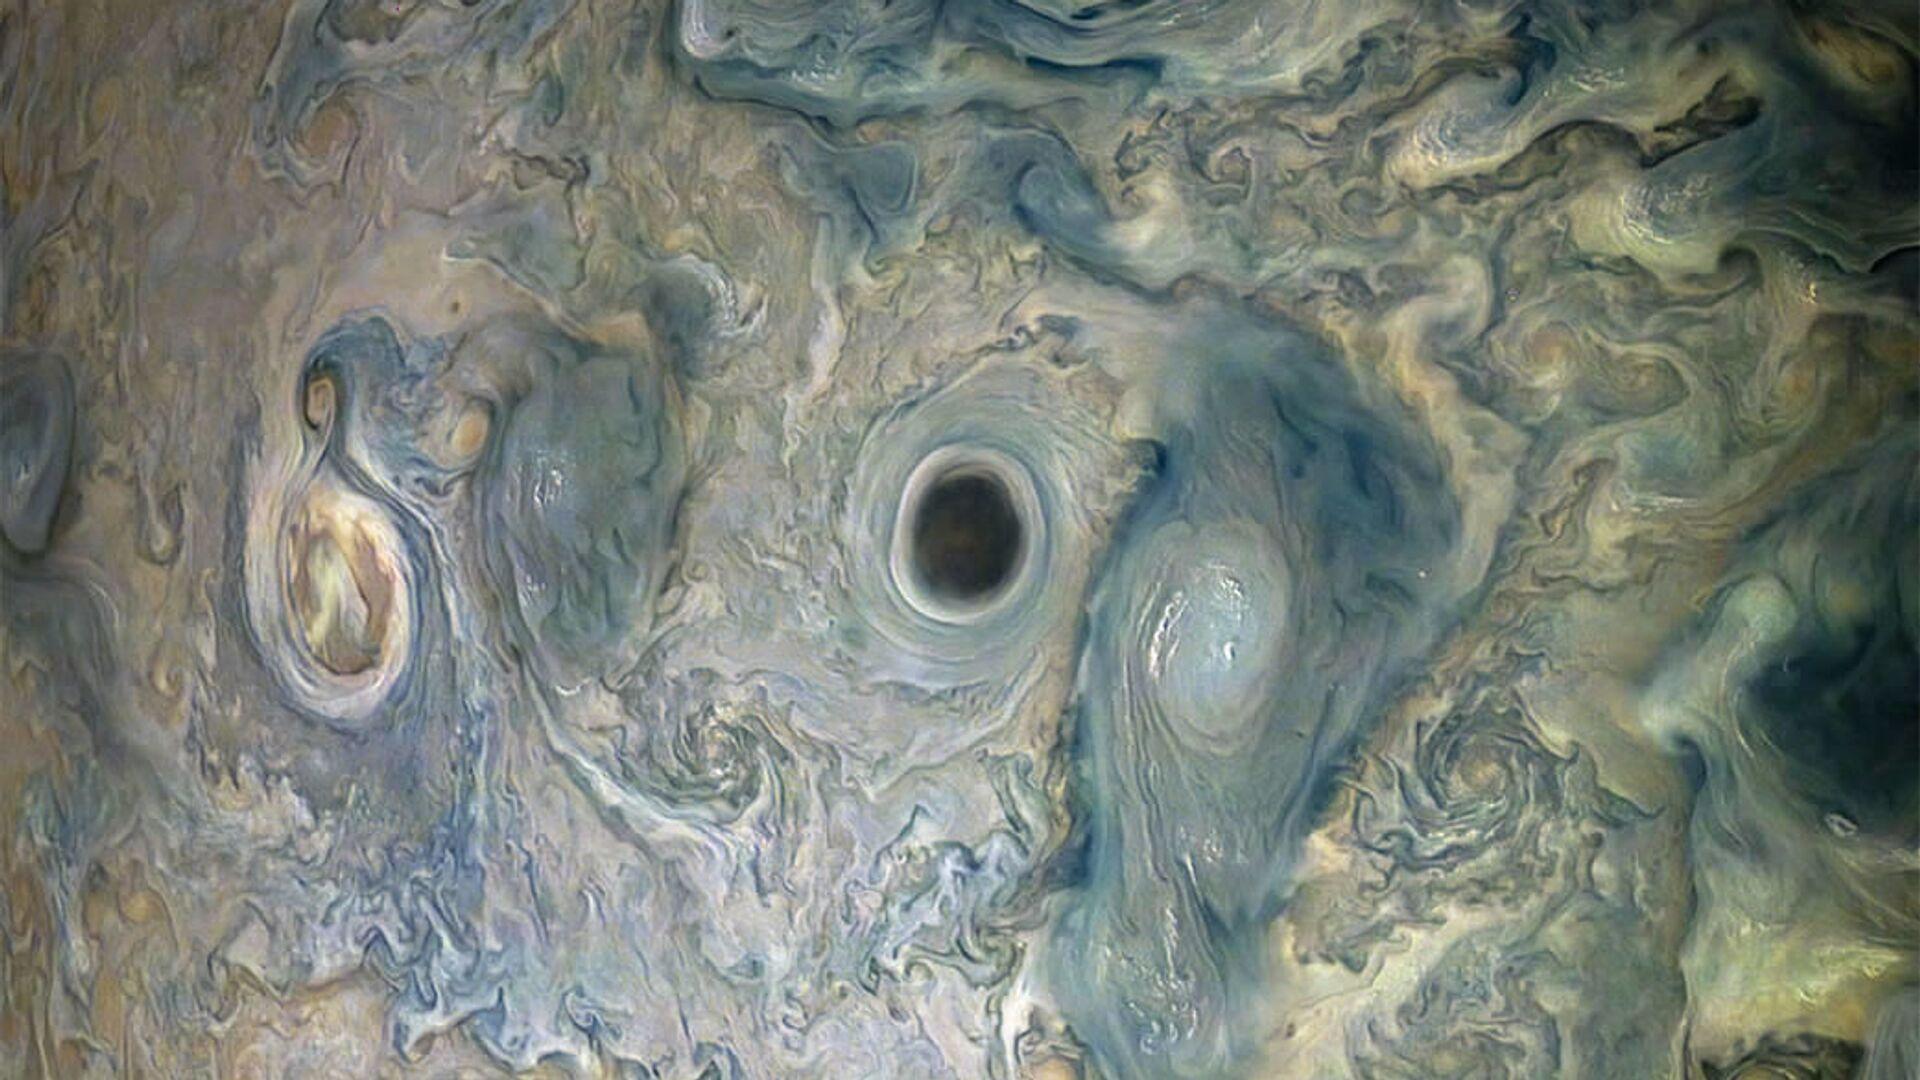 Темный вихрь в атмосфере Юпитера - Sputnik Česká republika, 1920, 16.09.2021